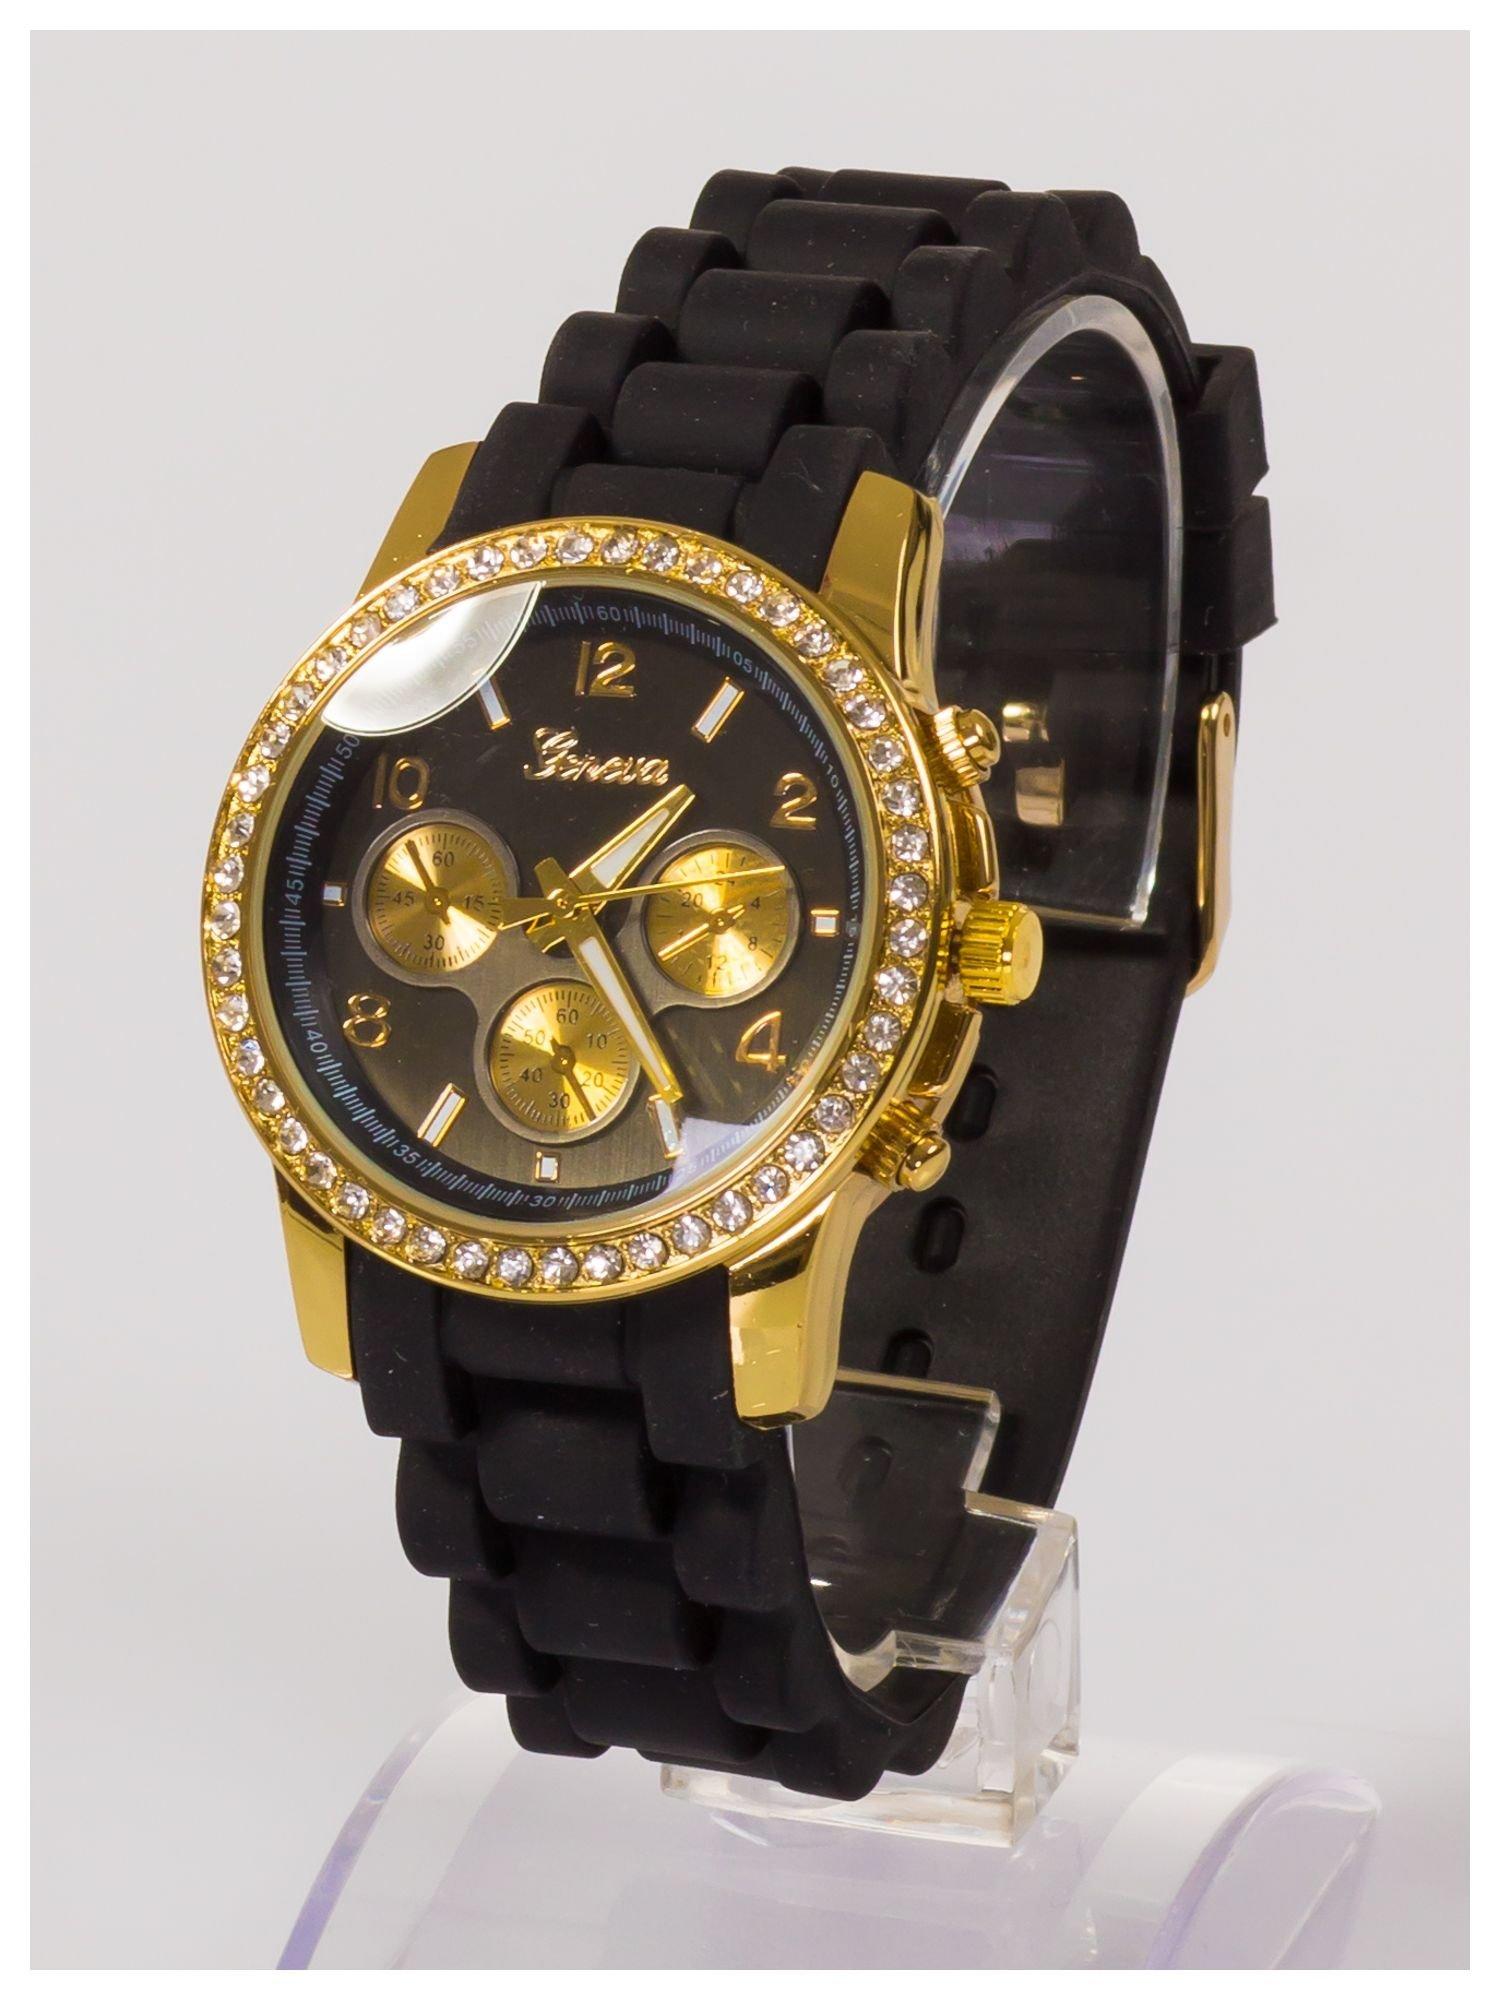 Damski zegarek z cyrkoniami i ozdobnym chronografem na wygodnym silikonowym pasku                                  zdj.                                  3